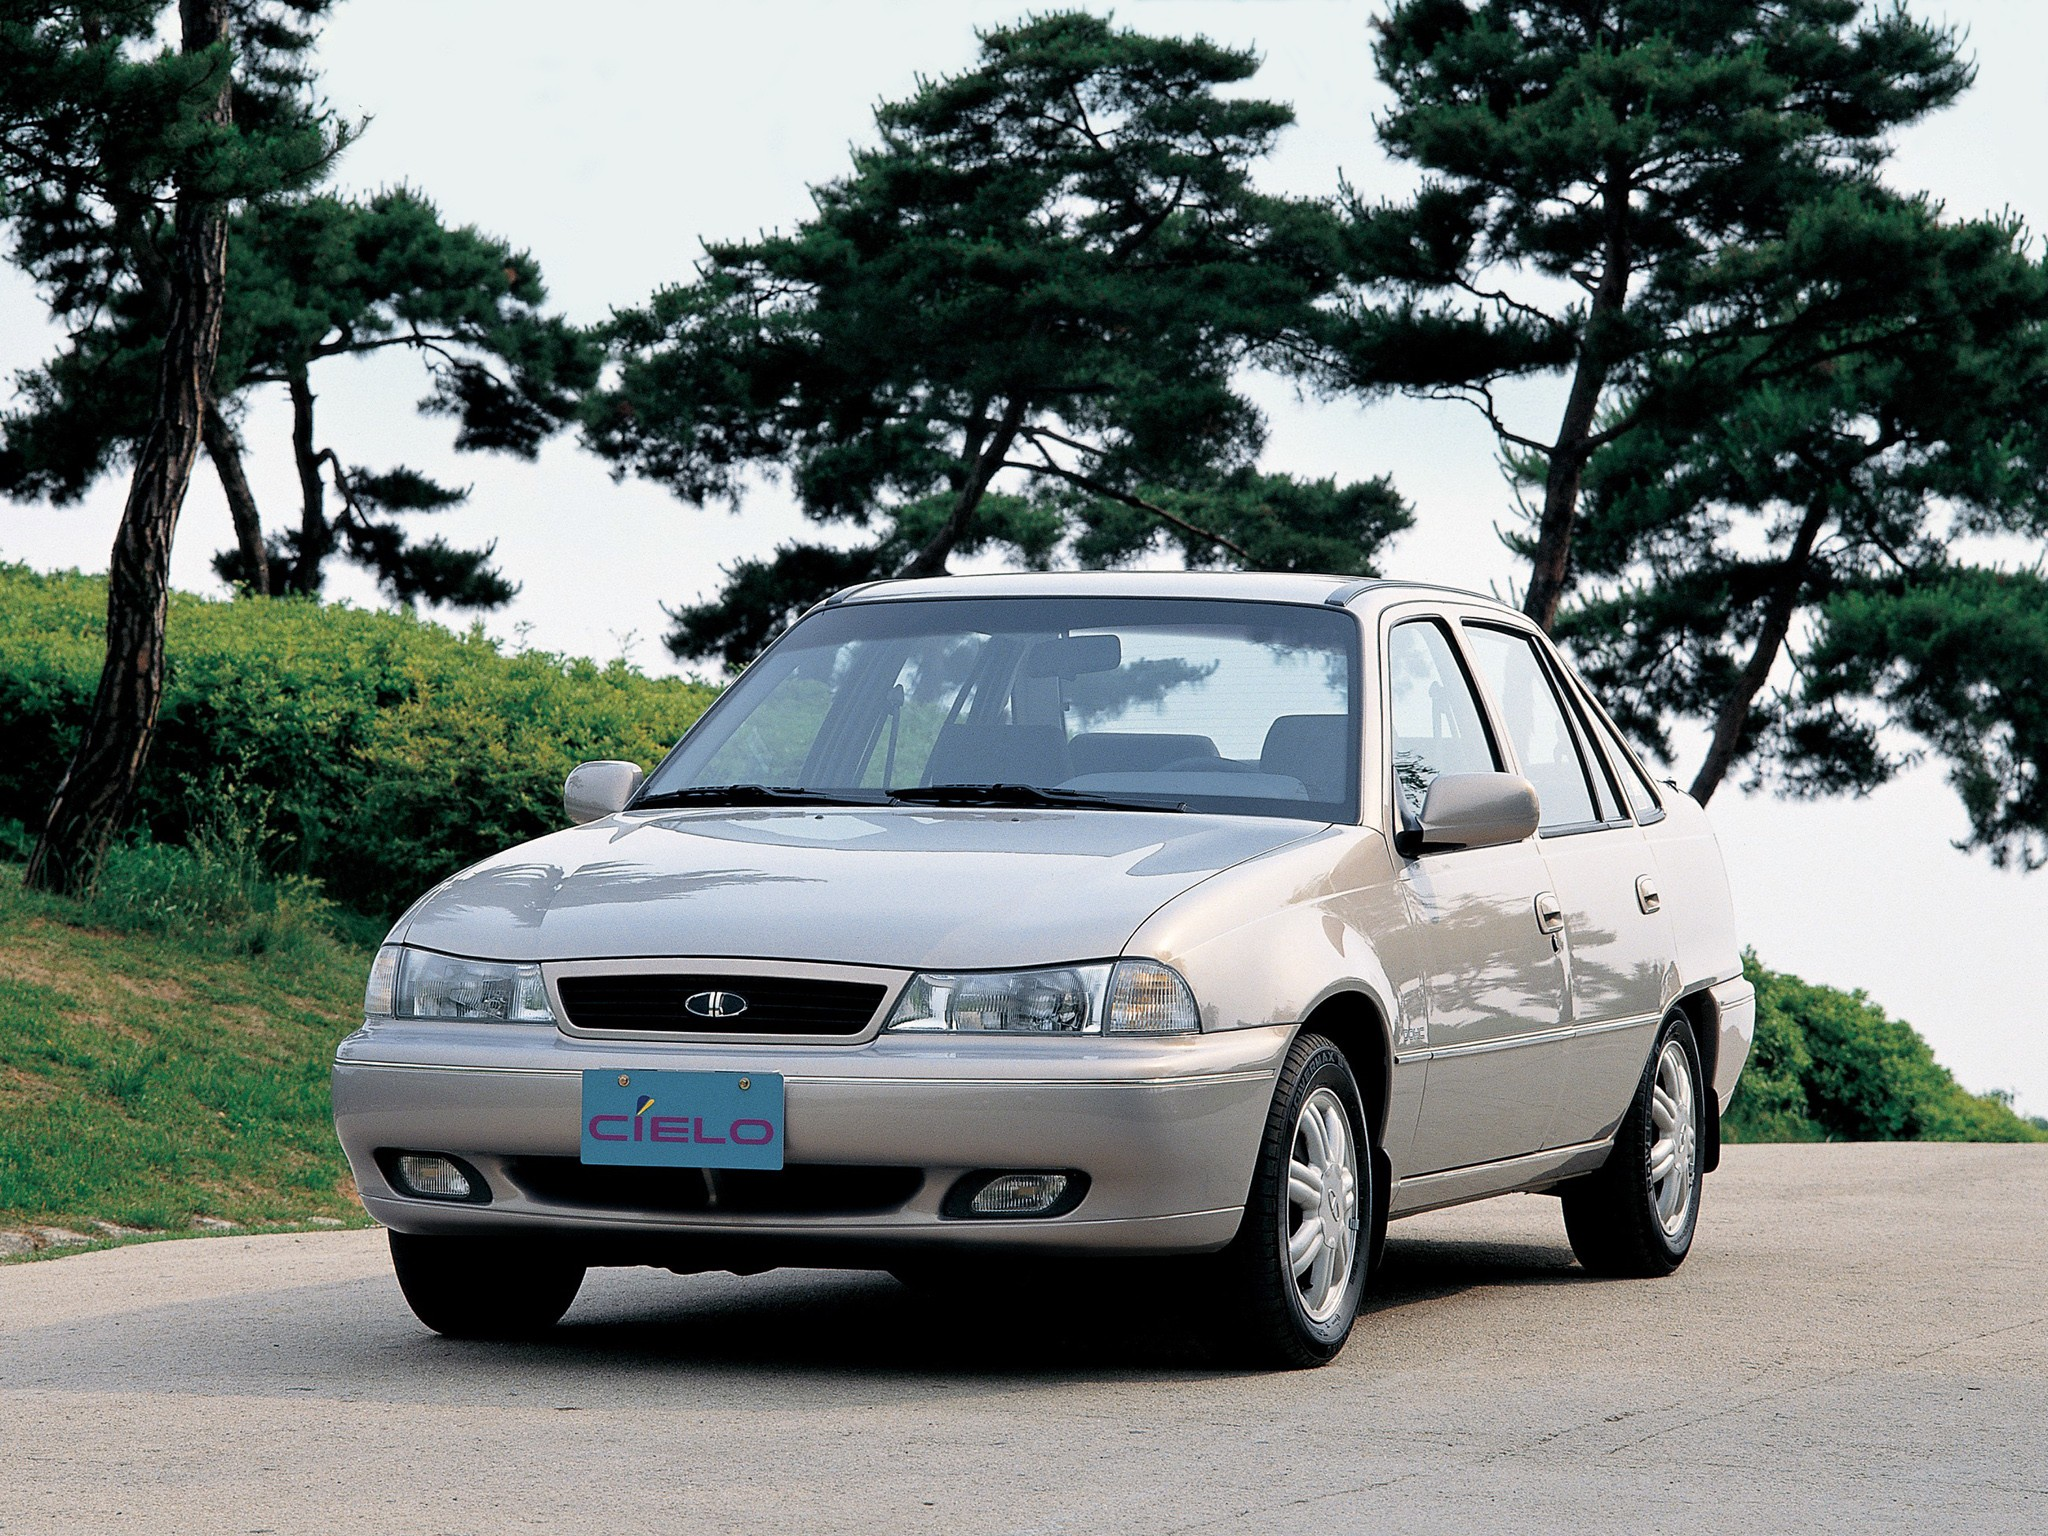 Daewoo Cielo  Nexia - 1994  1995  1996  1997